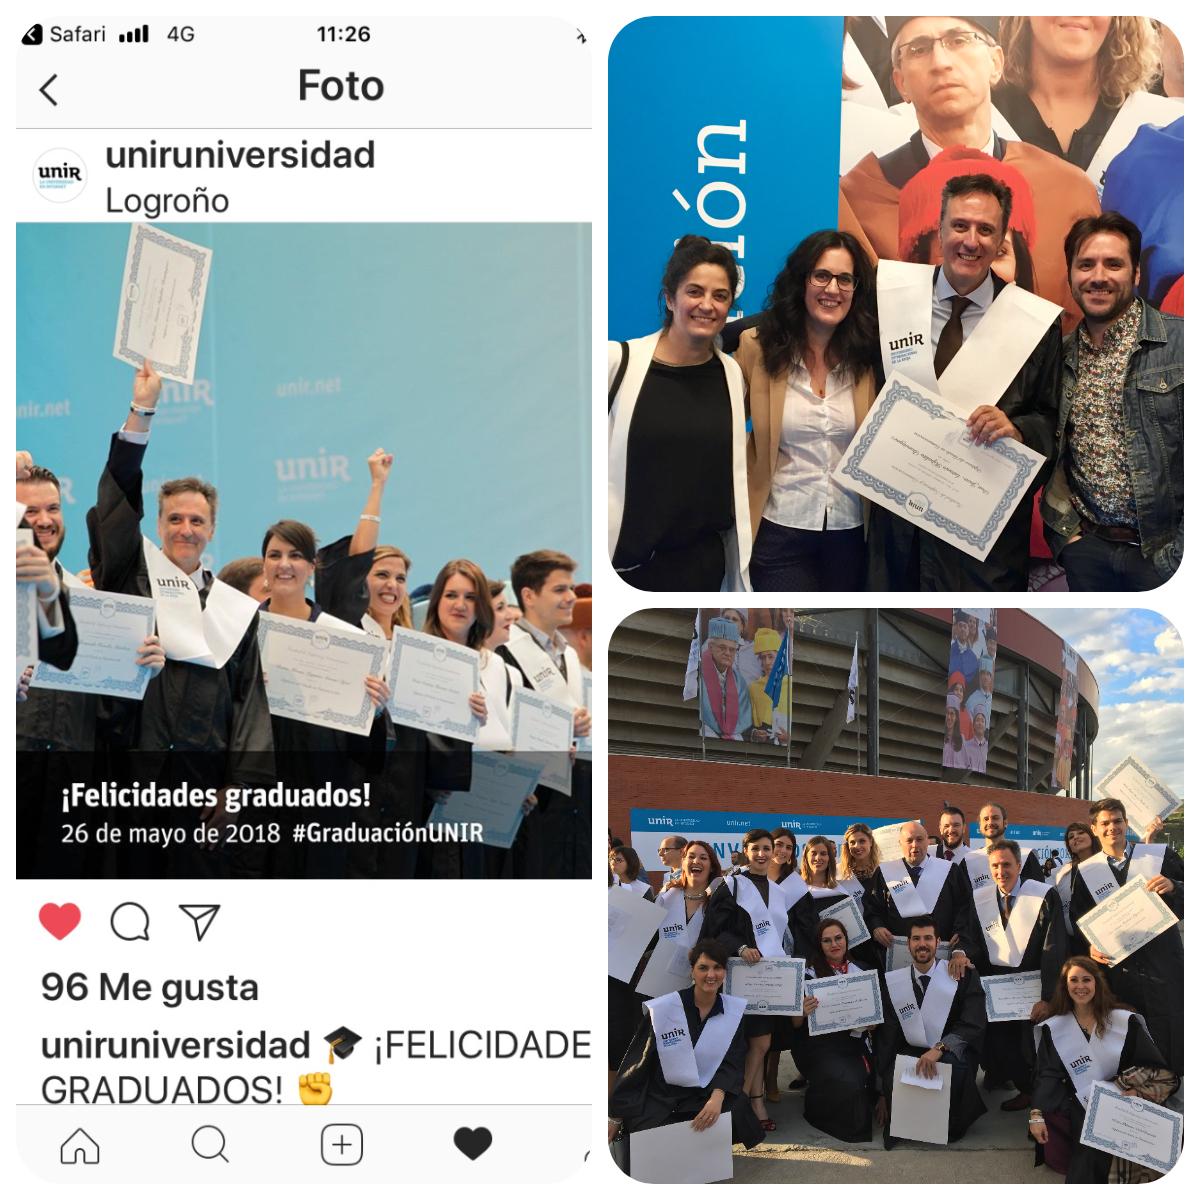 Juan Antonio Hipólito Domínguez en la Graduación de UNIR 2018